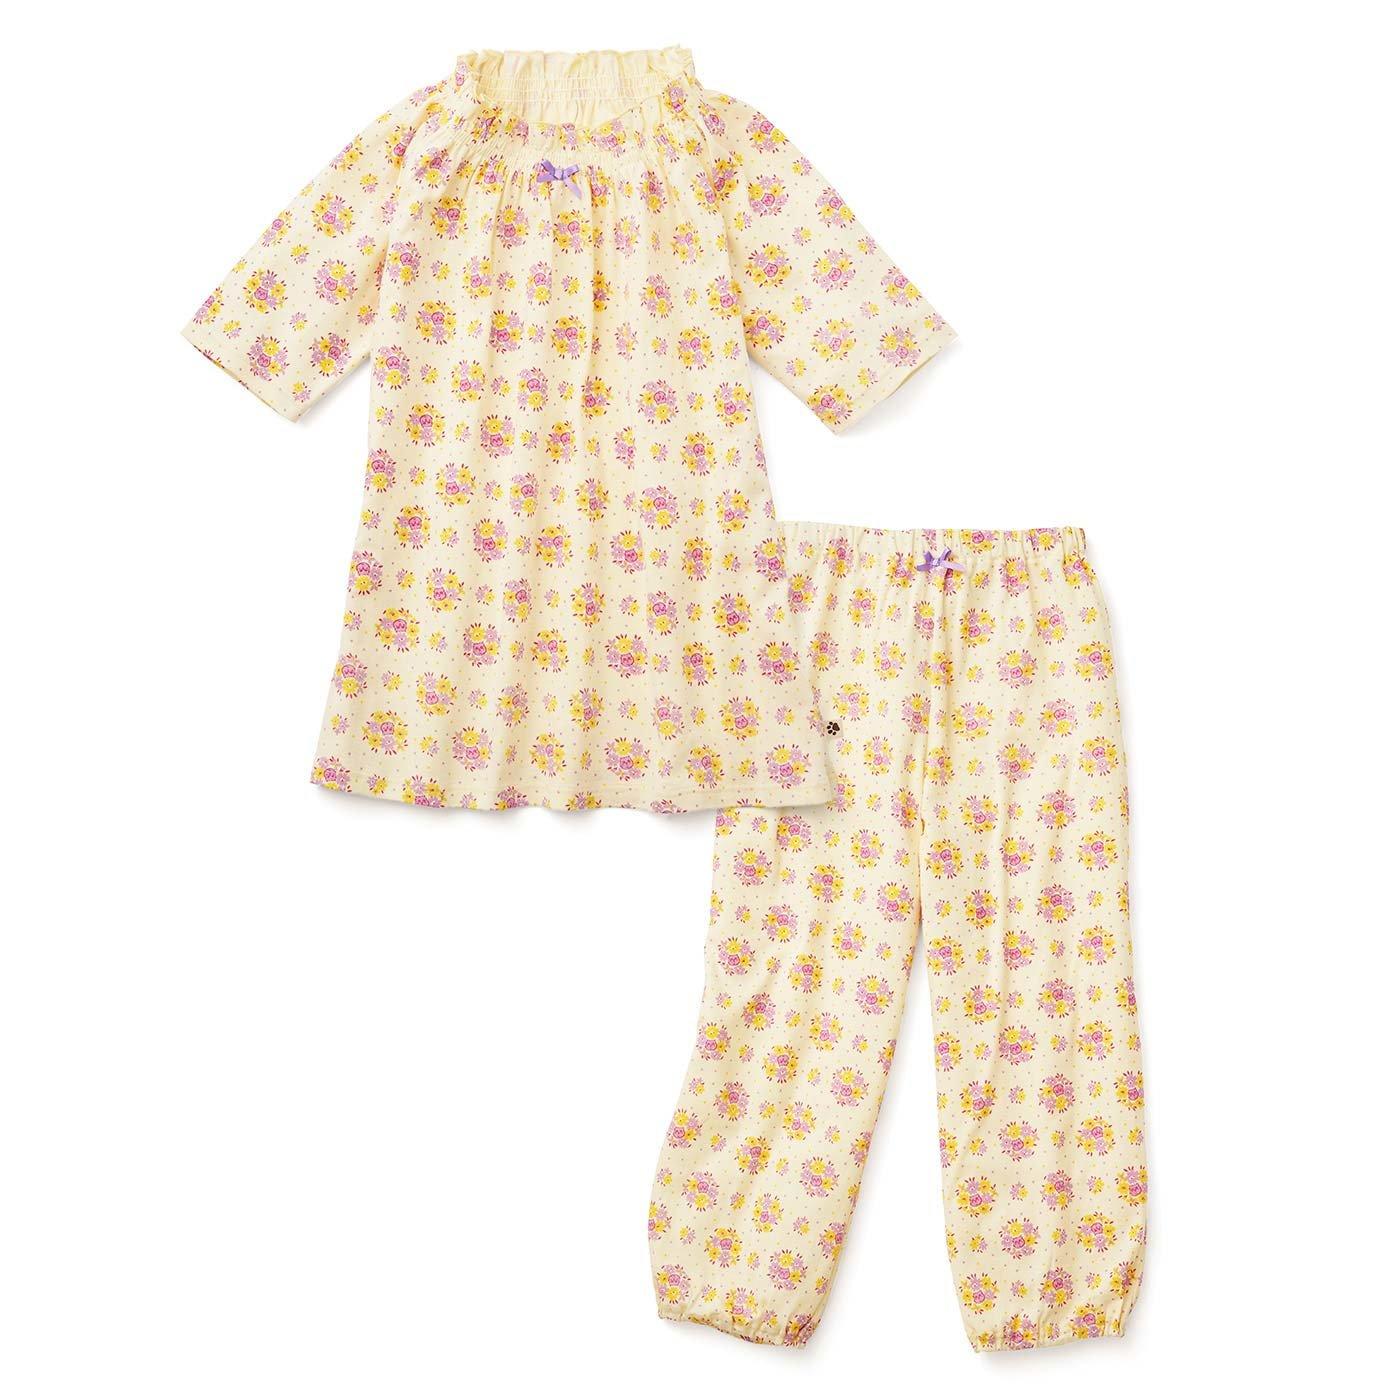 フェリシモキッズ×猫部 お花柄の中に猫がひそむパジャマ〈レディース〉〈イエロー〉